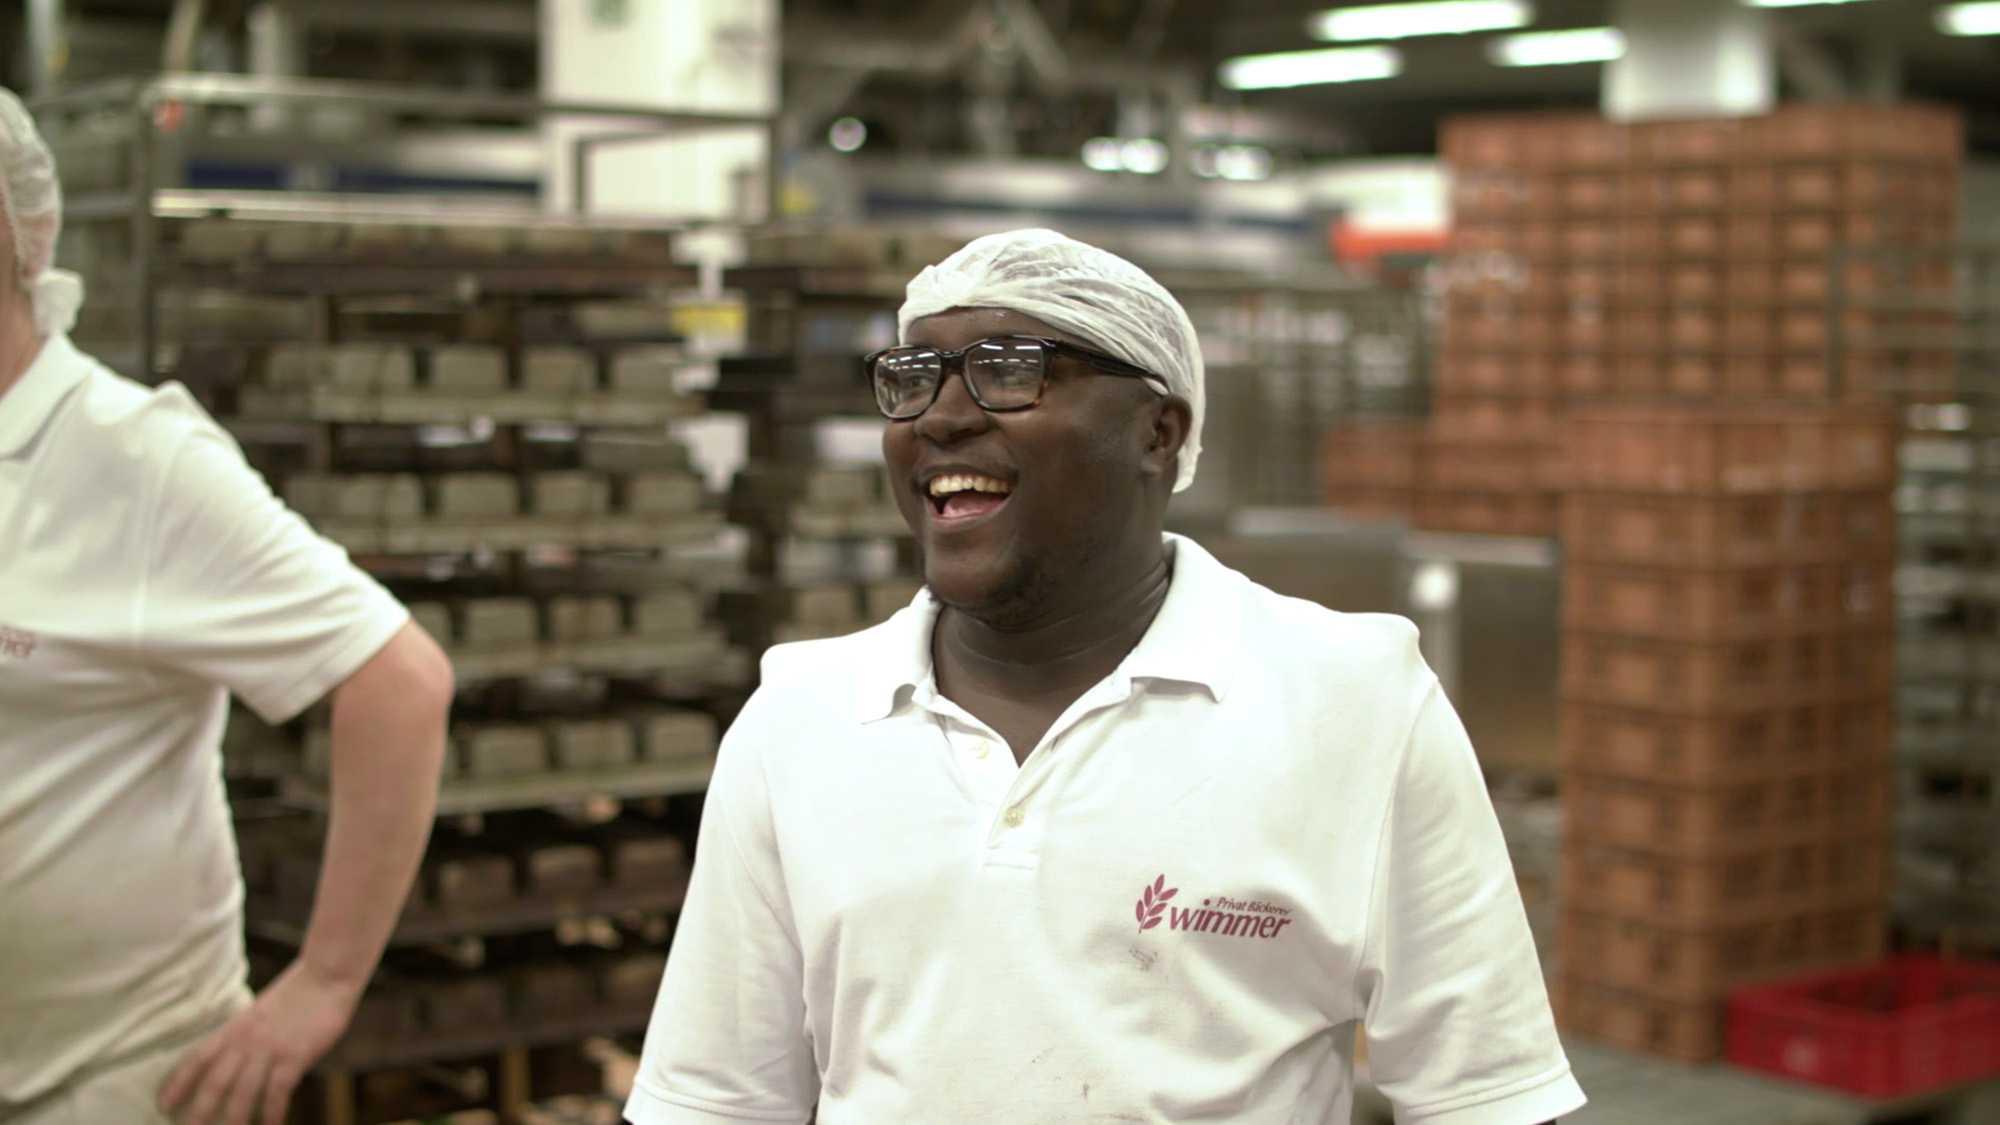 Das Bild zeigt einen lachenden Mann. Er trägt eine Haube auf seinem Kopf. Seine Kleidung ist weiß. Hinter ihm stehen Regale, in denen Brötchen gelagert werden. Das Bild dient als Sliderbild für den Portfolioeintrag Bäckerei Wimmer Produktfilm von Panda Pictures.